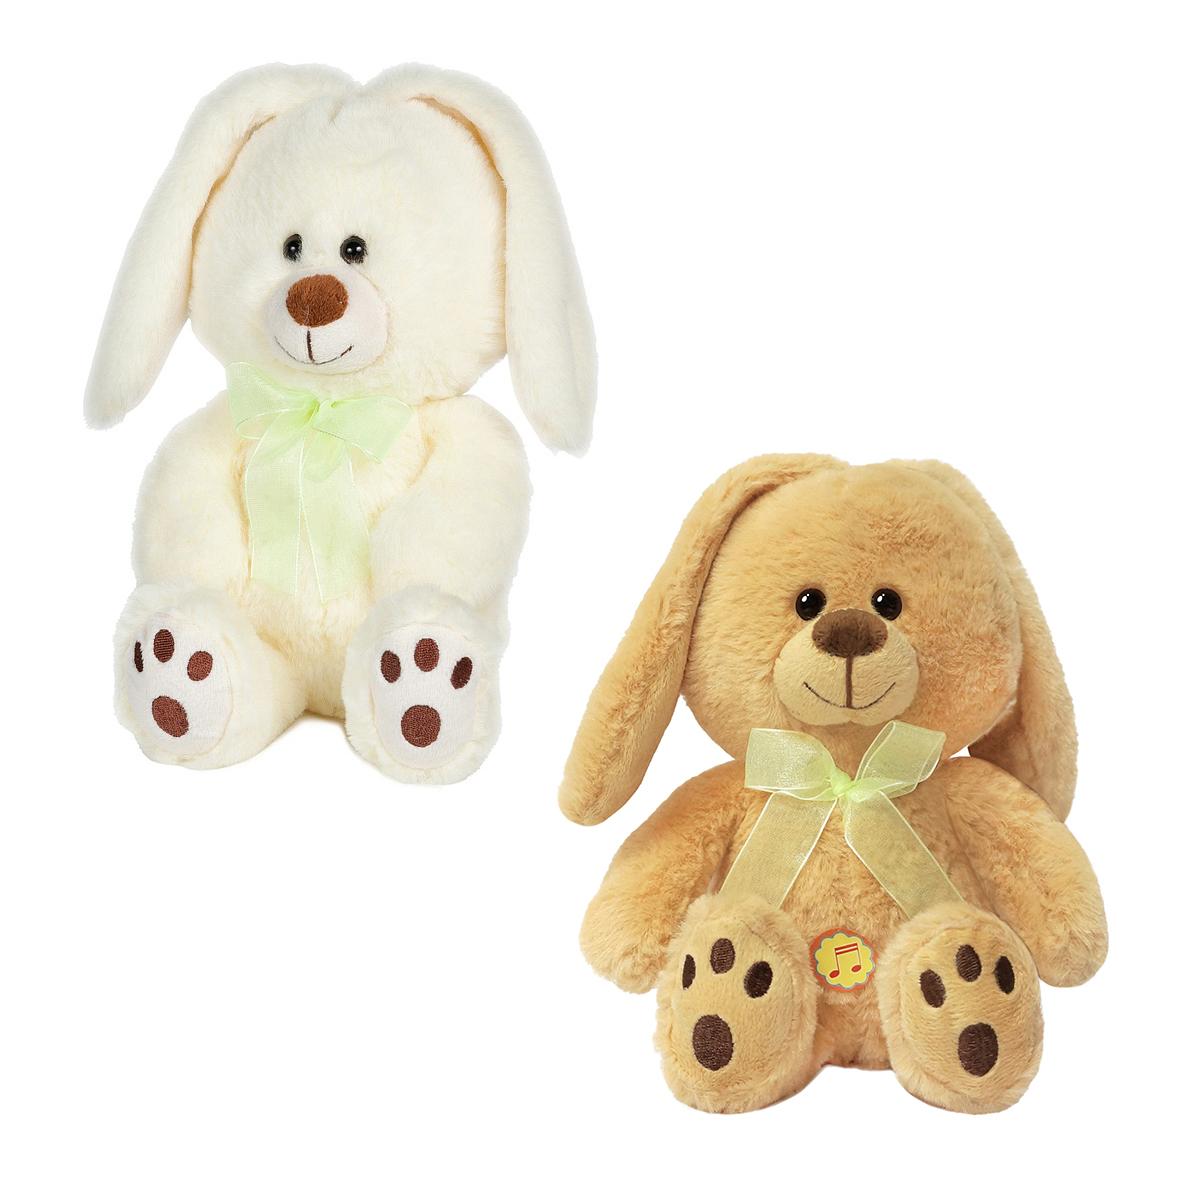 Мягкая игрушка – Зайка-беляк с бантиком, 20 см, звук - Говорящие игрушки, артикул: 165929